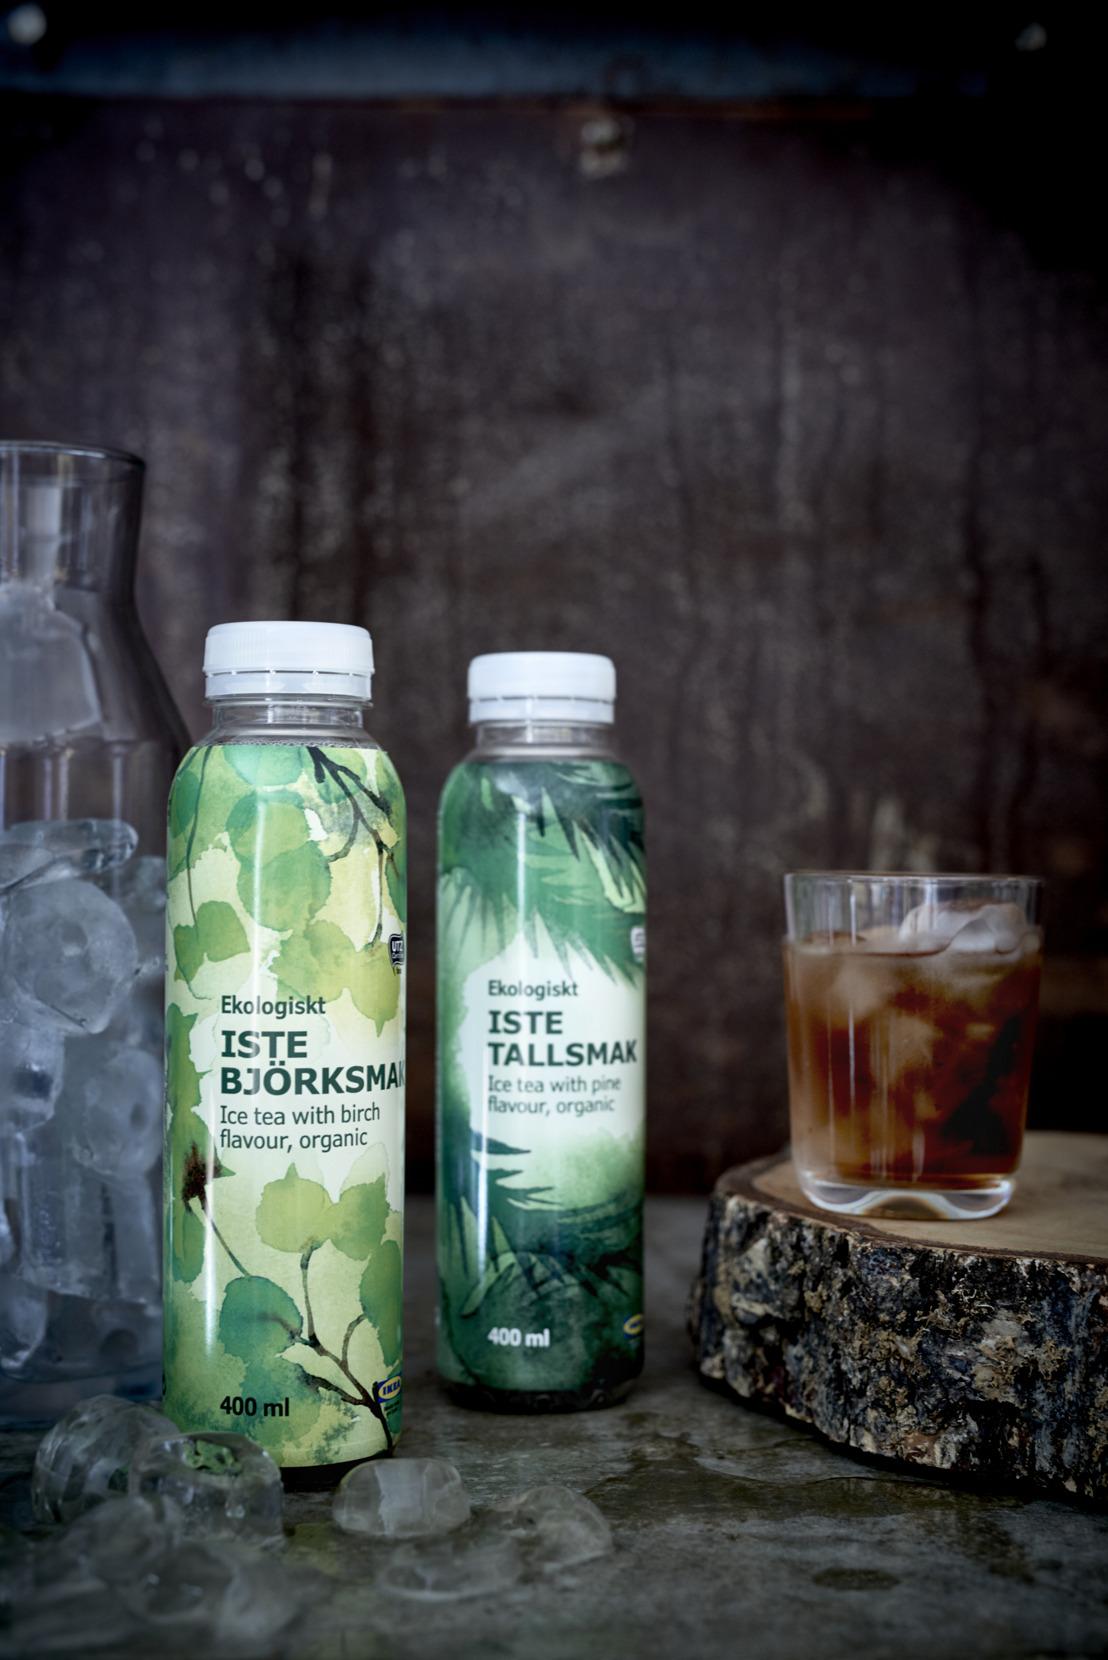 IKEA lance des thés glacés bio aux saveurs bouleau et pin